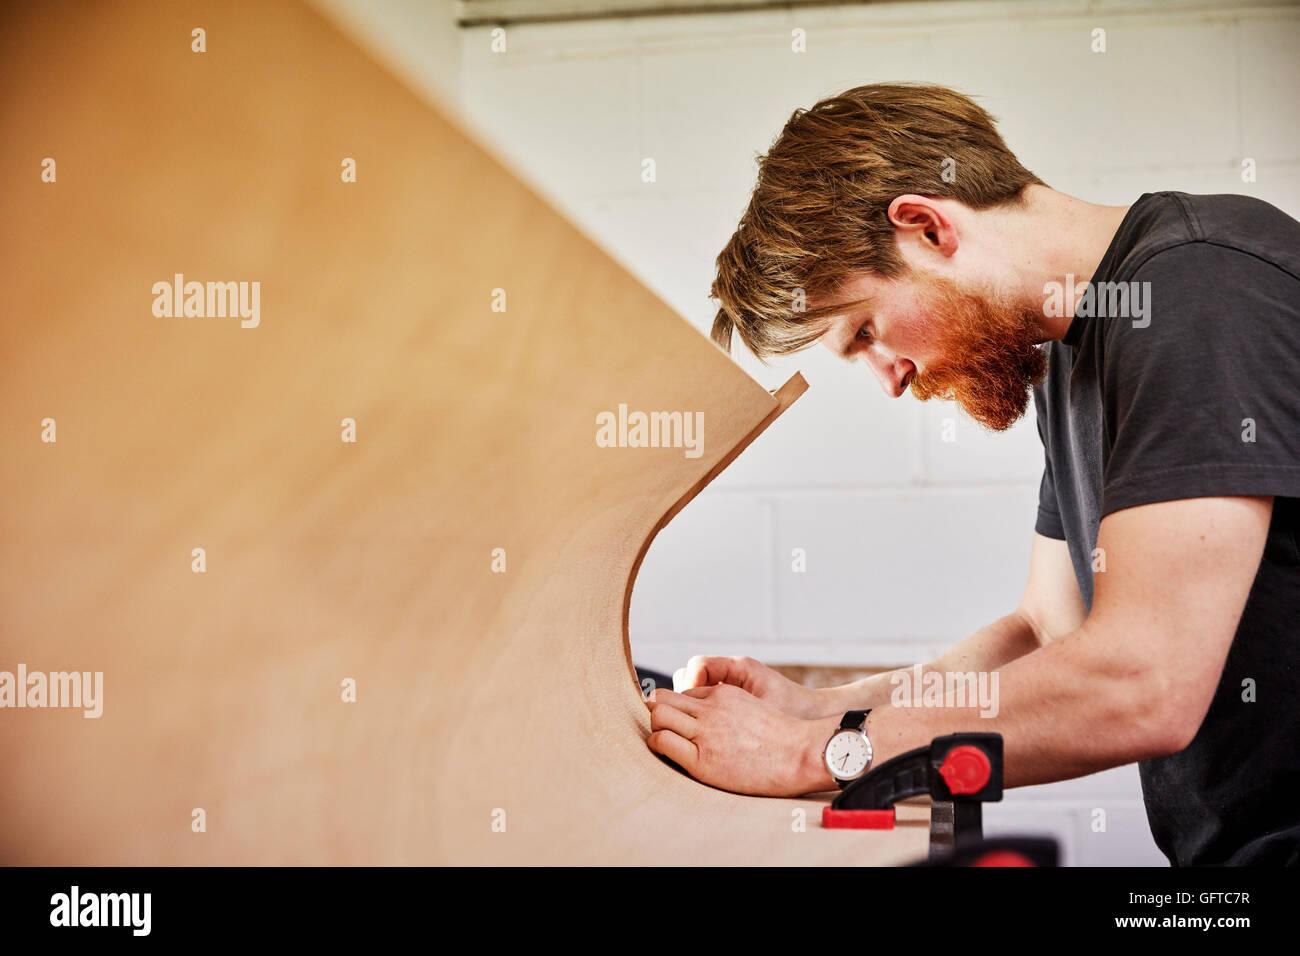 Un homme à l'aide d'un outil sur le bord de coupe courbe hors d'un morceau de bois Photo Stock